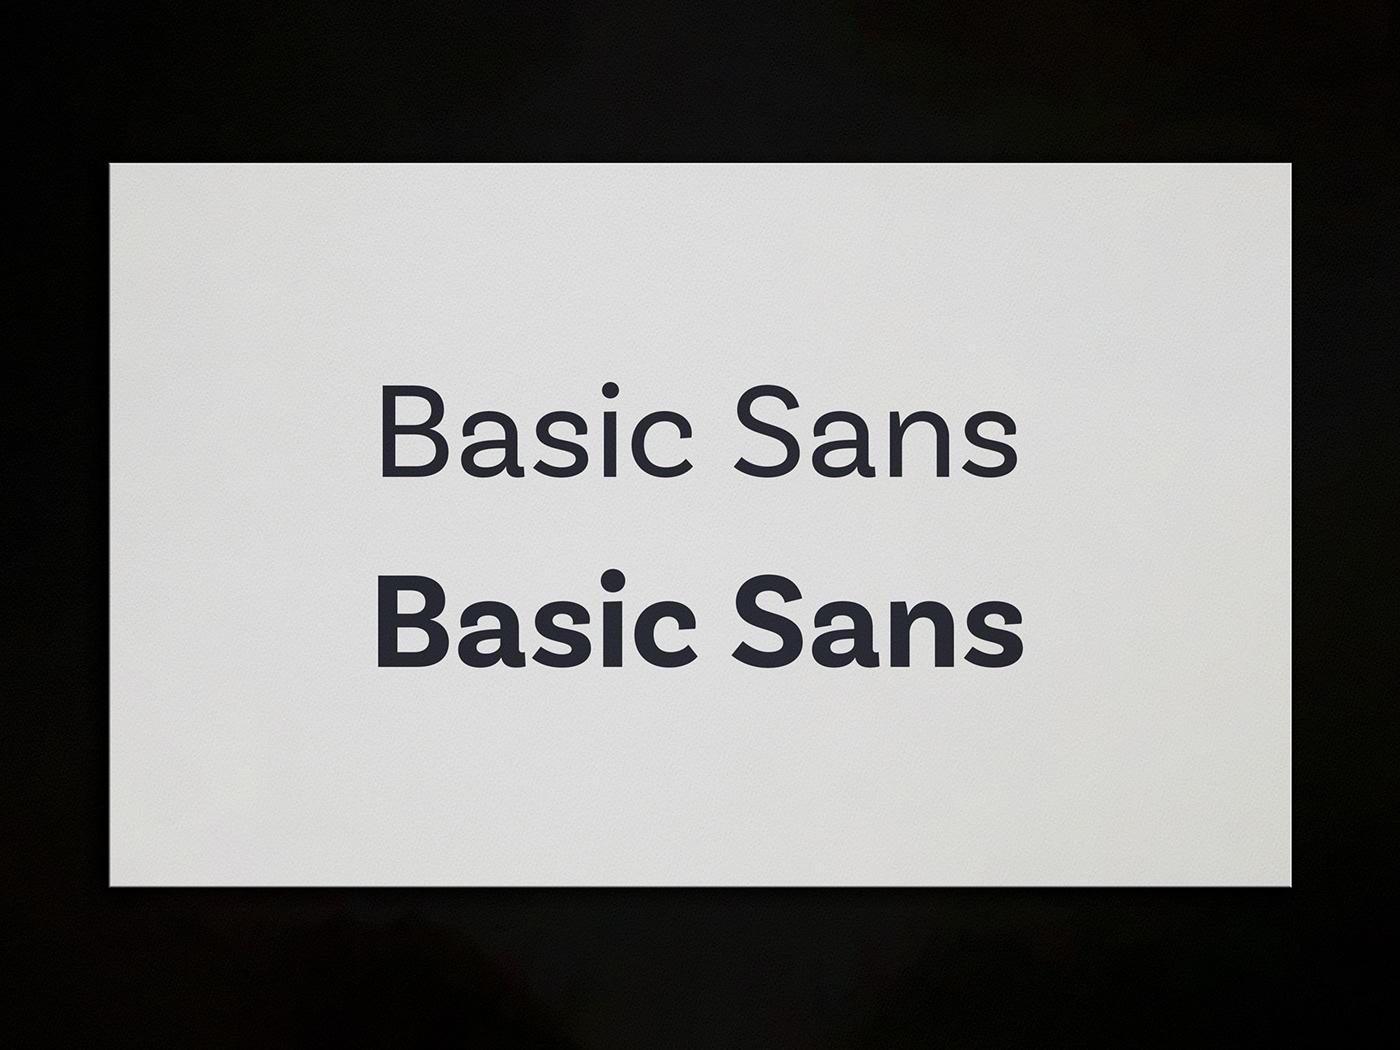 typeface used: basic sans